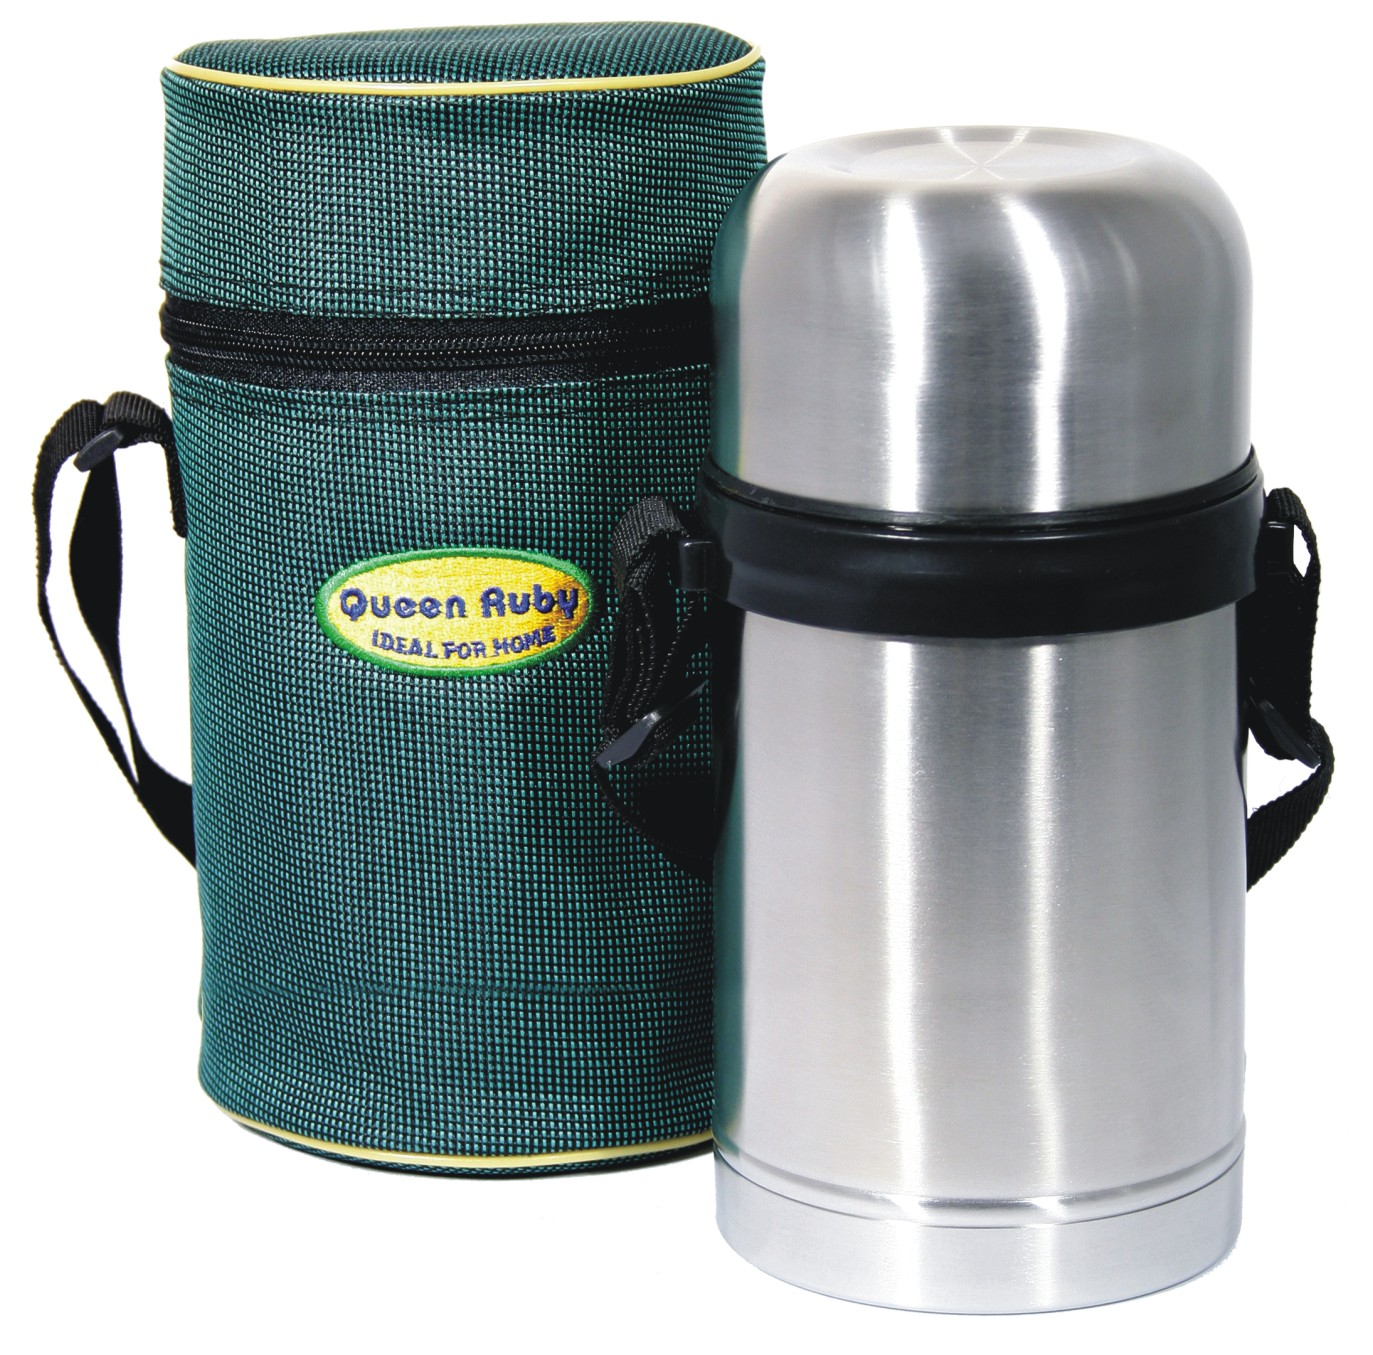 """Термос """"Queen Ruby"""" выполнен из высококачественной нержавеющей стали.Клапан с вакуумной теплоизоляцией сохраняет напитки горячими или холодными долгое время.  Удобная пробка с кнопкой позволяет наливать содержимое не откручивая пробку. Крышка-чашка выполнена из пищевого пластика. В комплекте чехол.Объем: 1 л."""